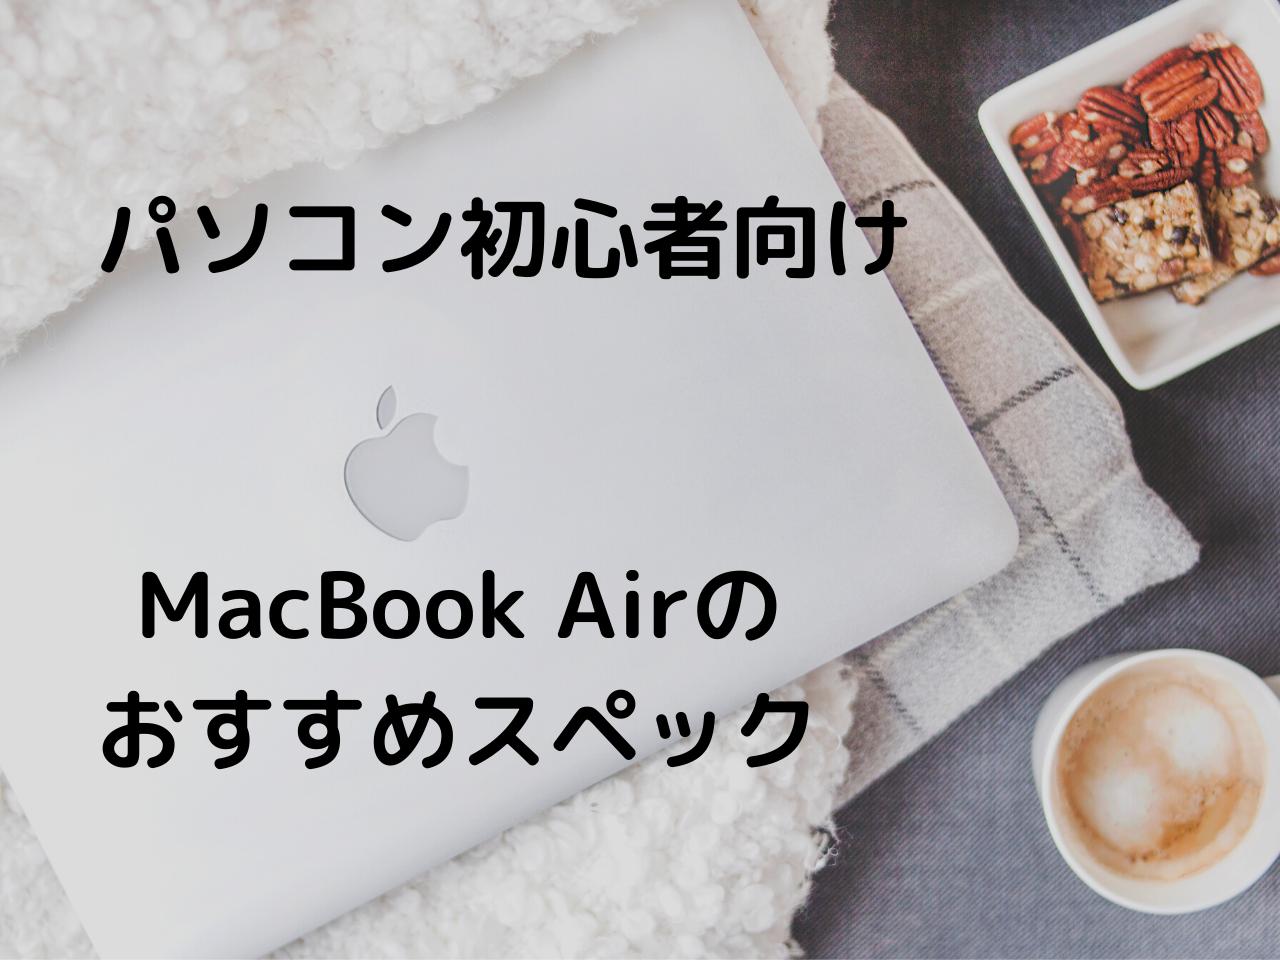 MacBook Airのおすすめスペック